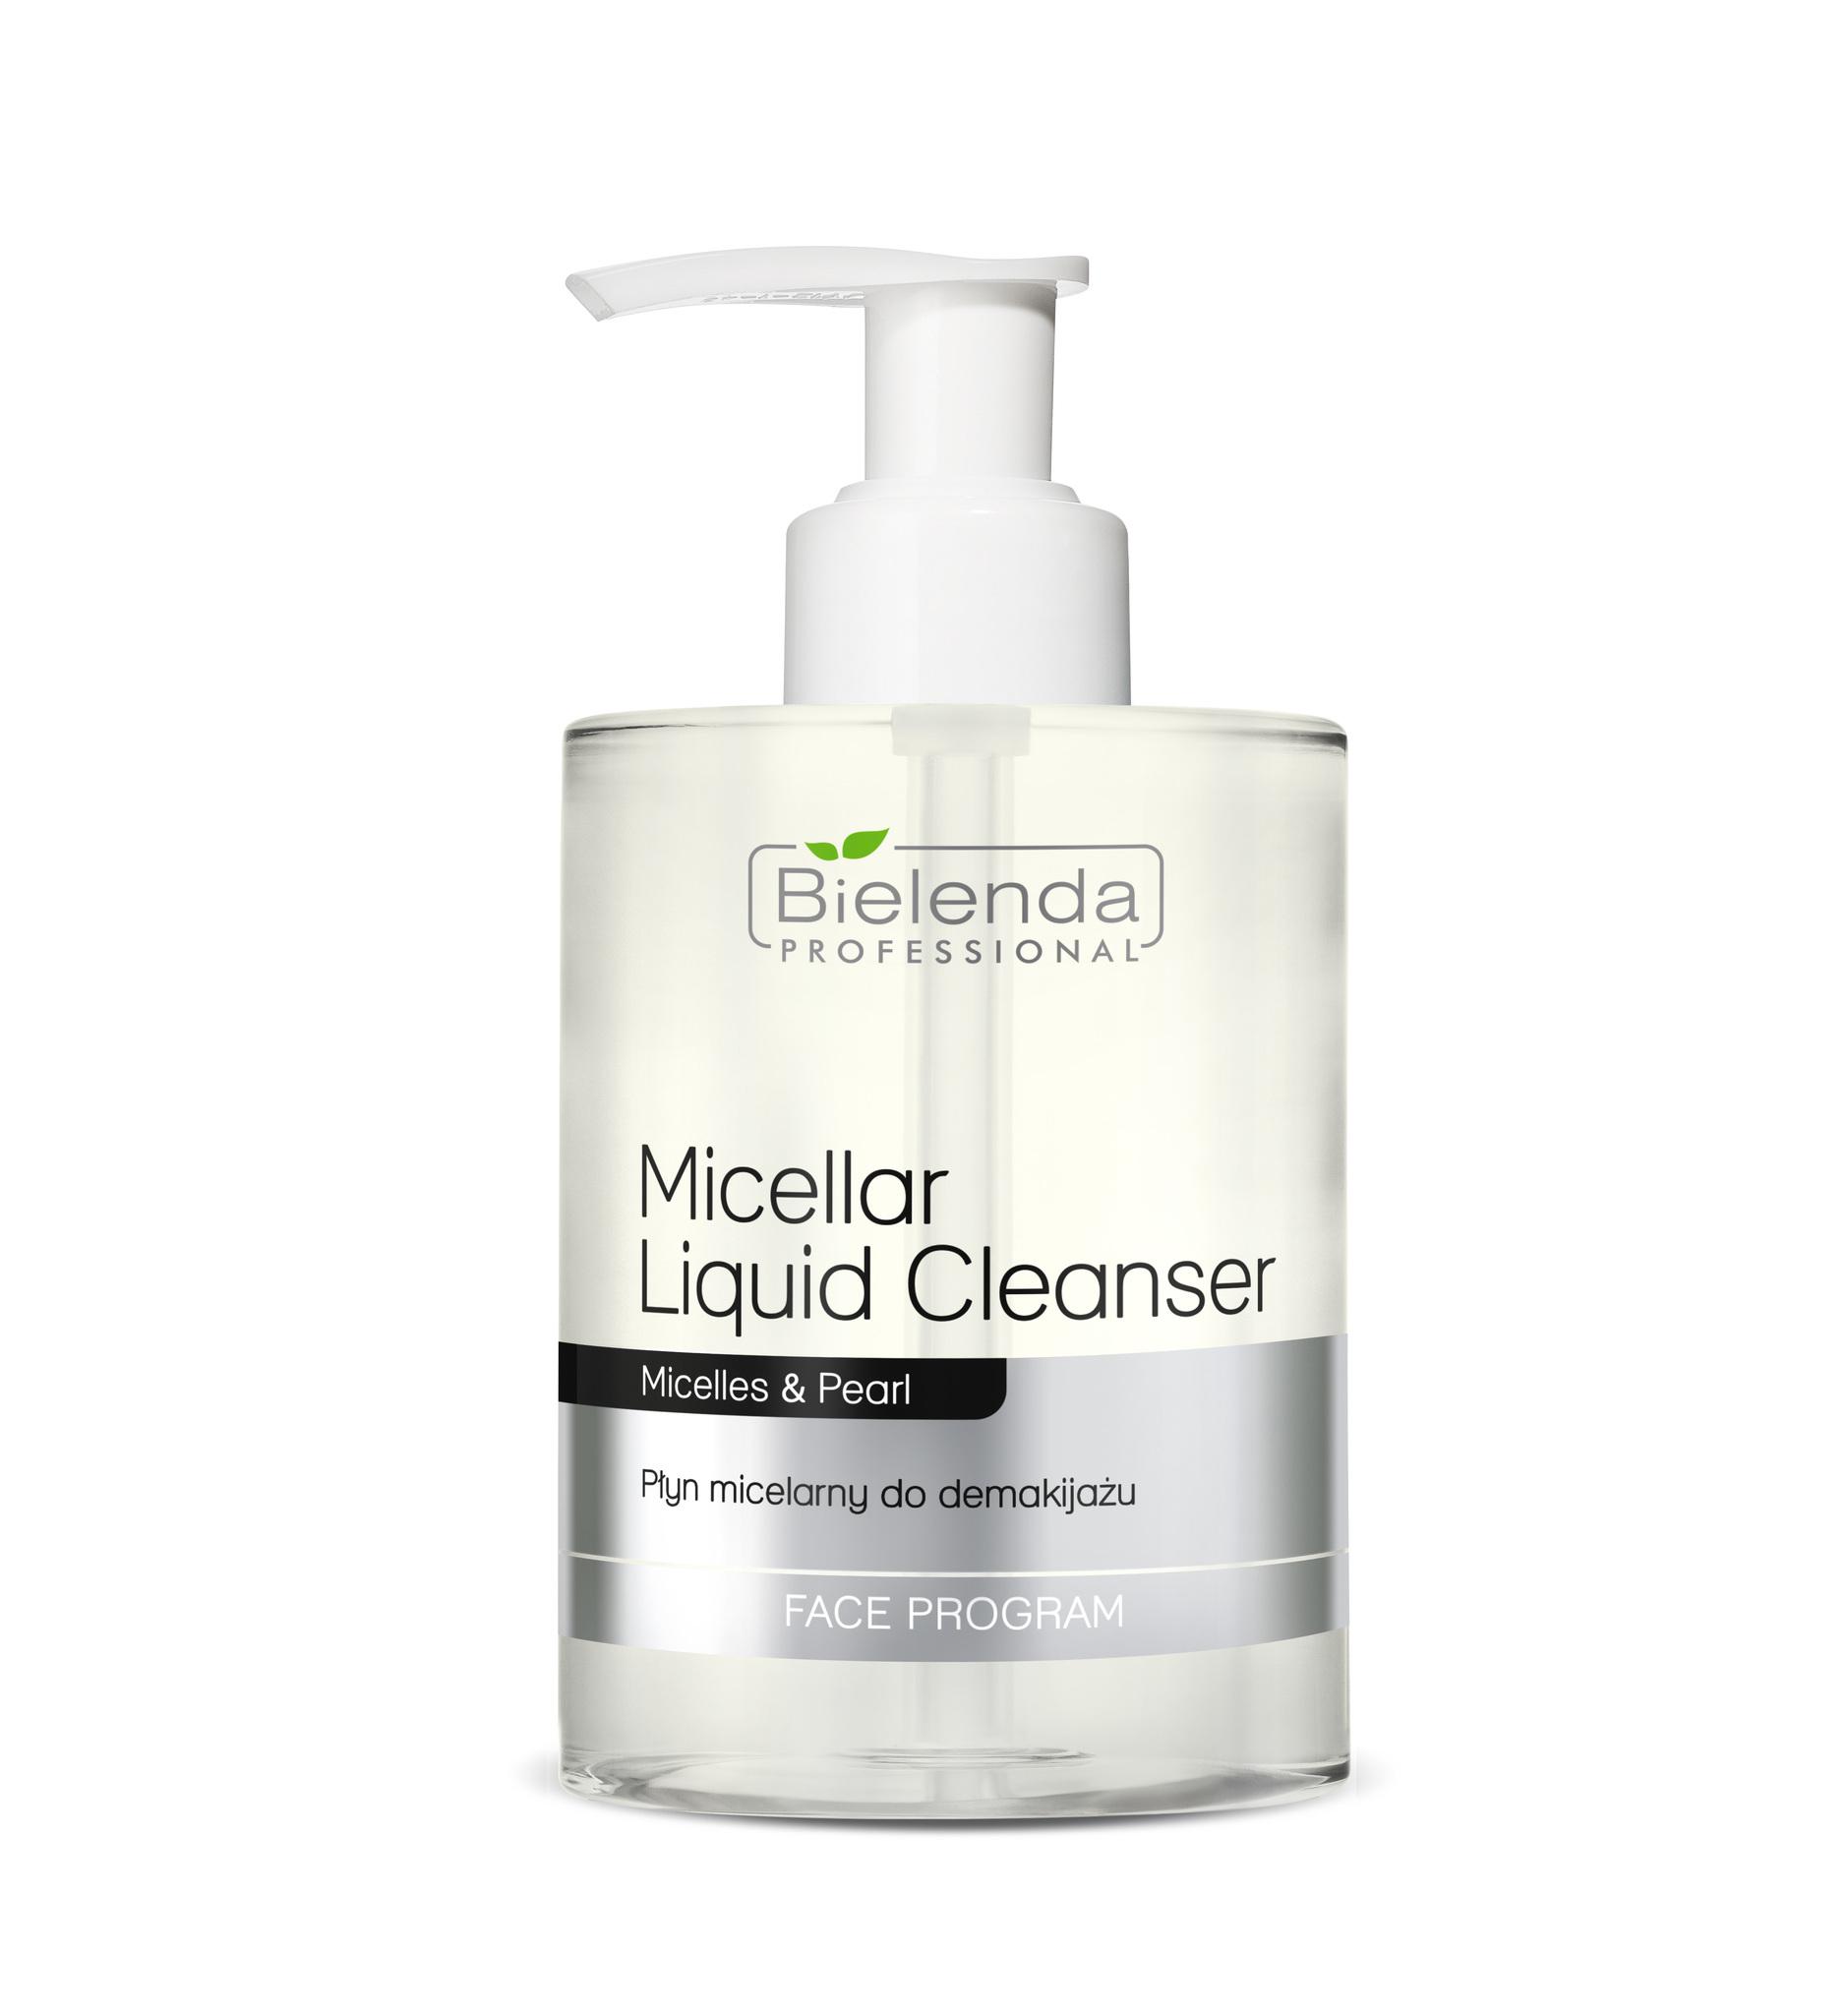 CLEANSING Мицеллярная жидкость для снятия макияжа, 300 мл.